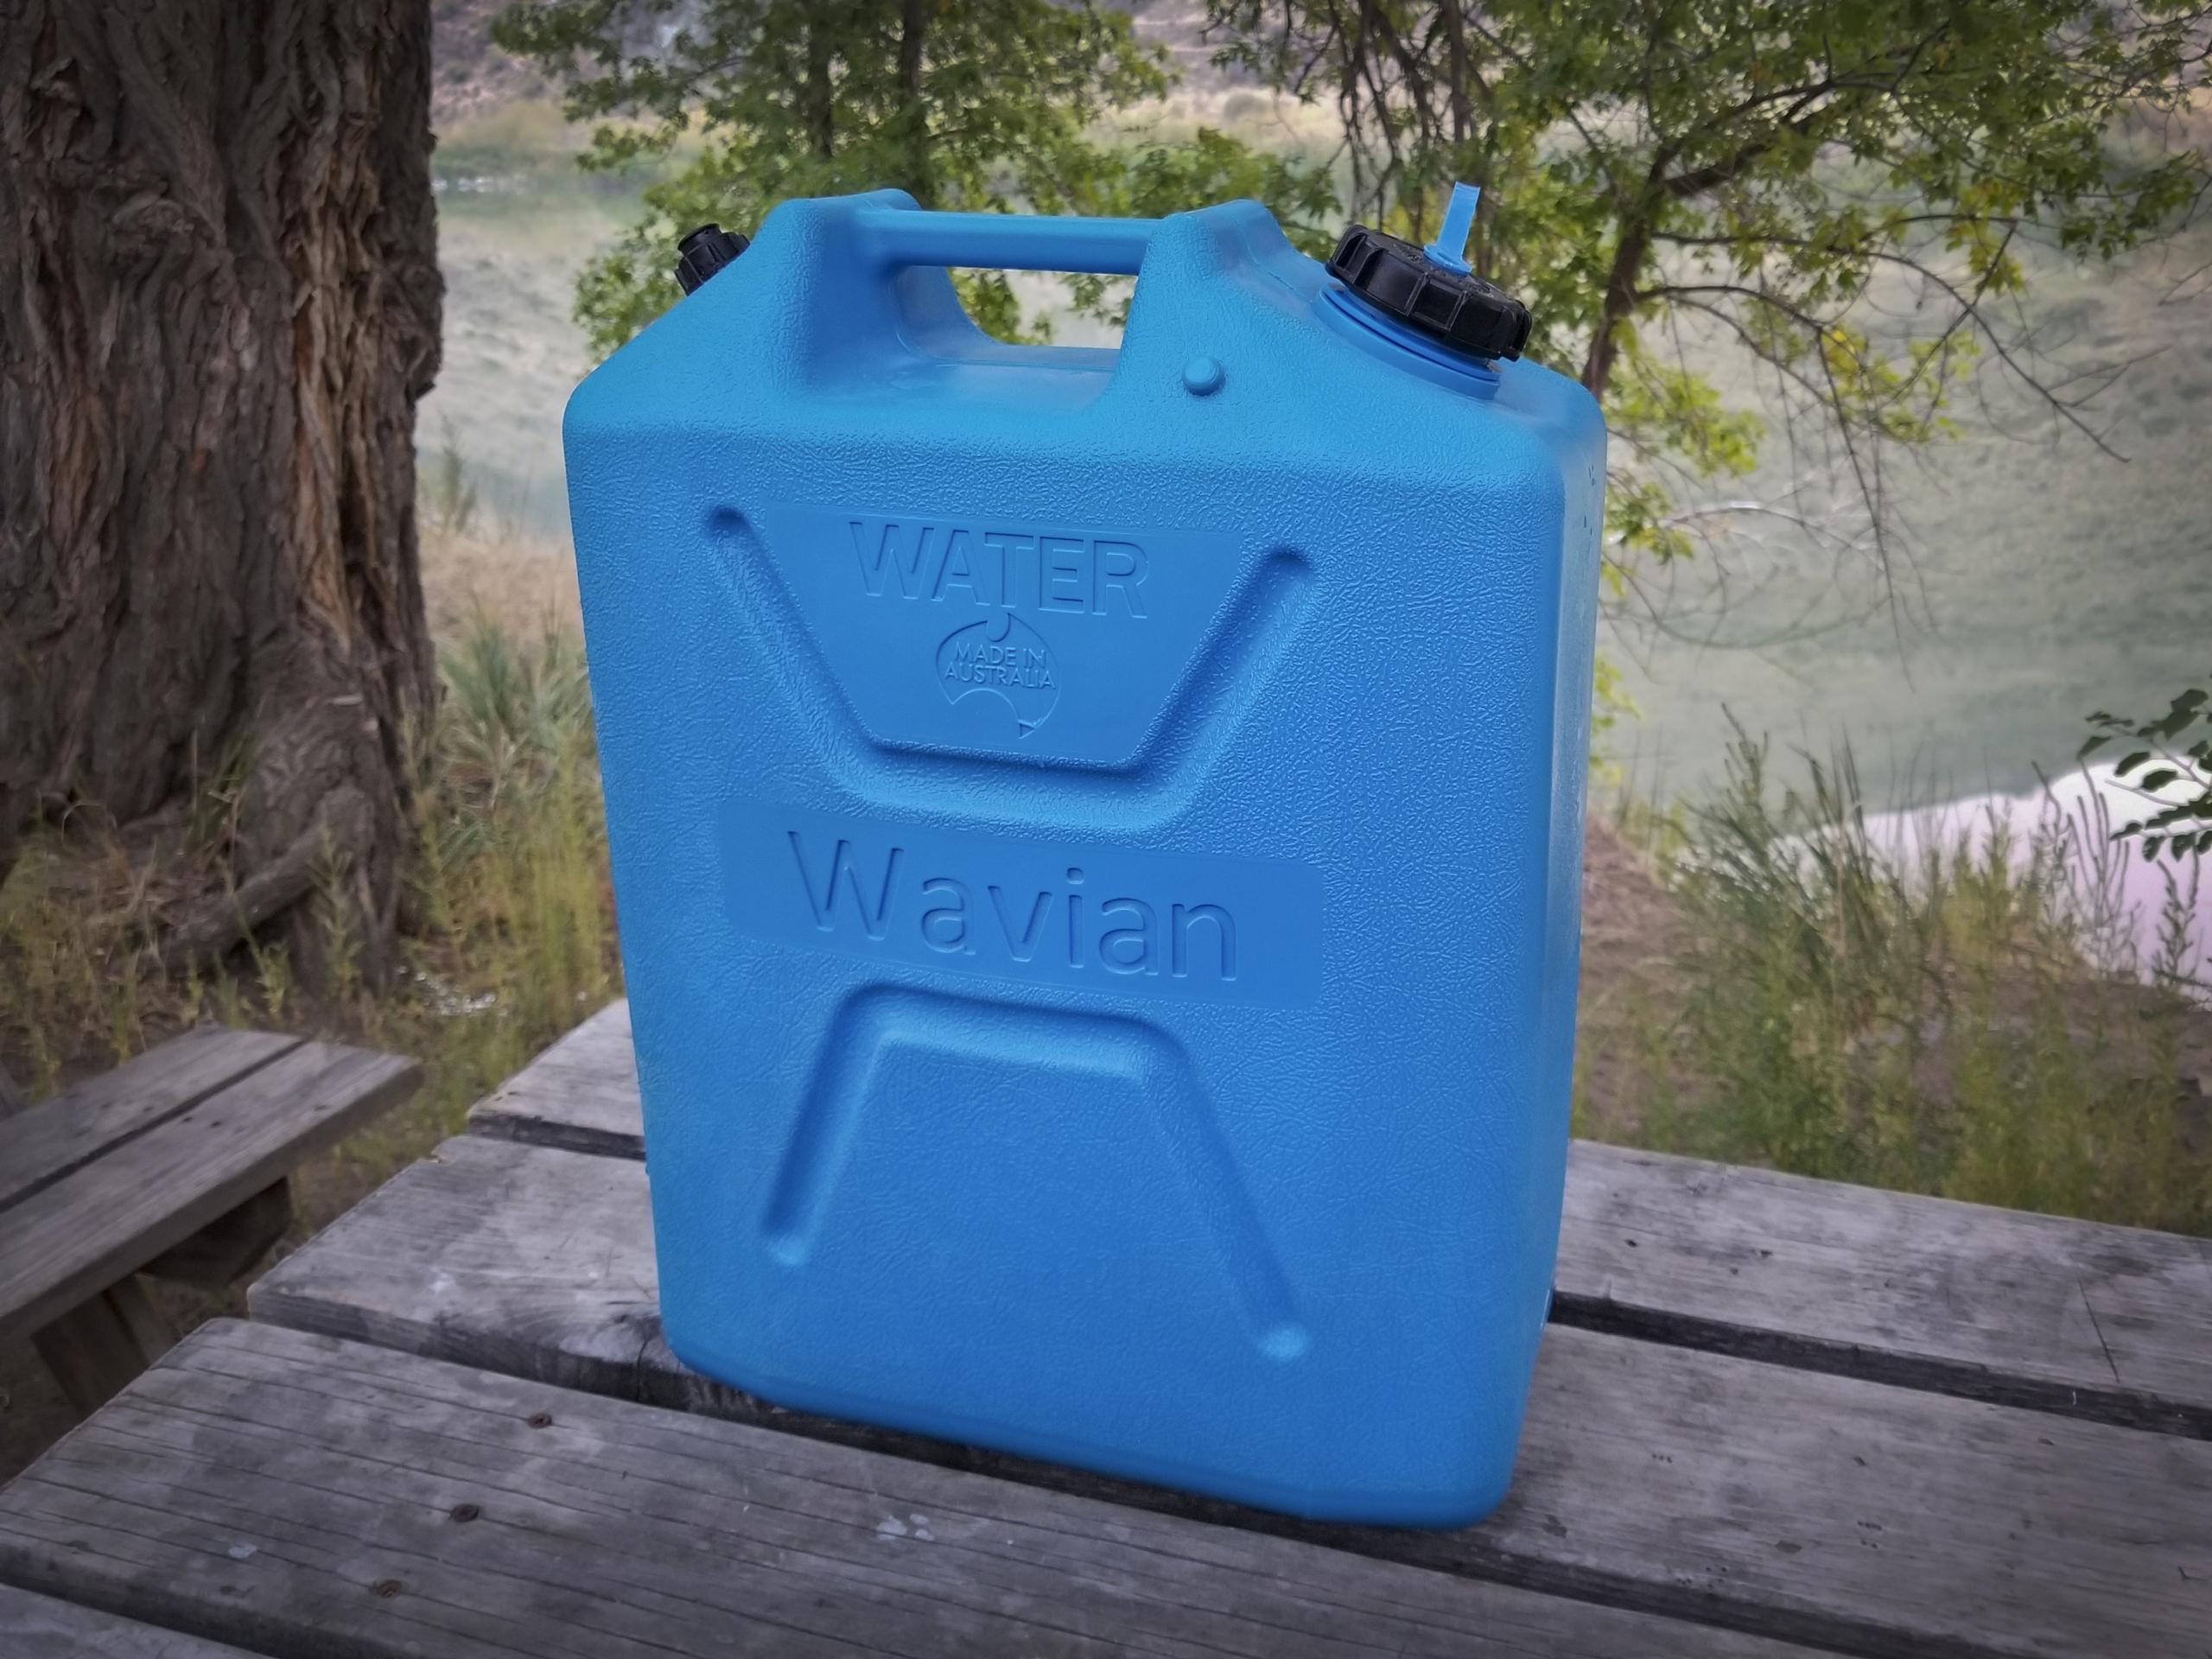 Wavian water can